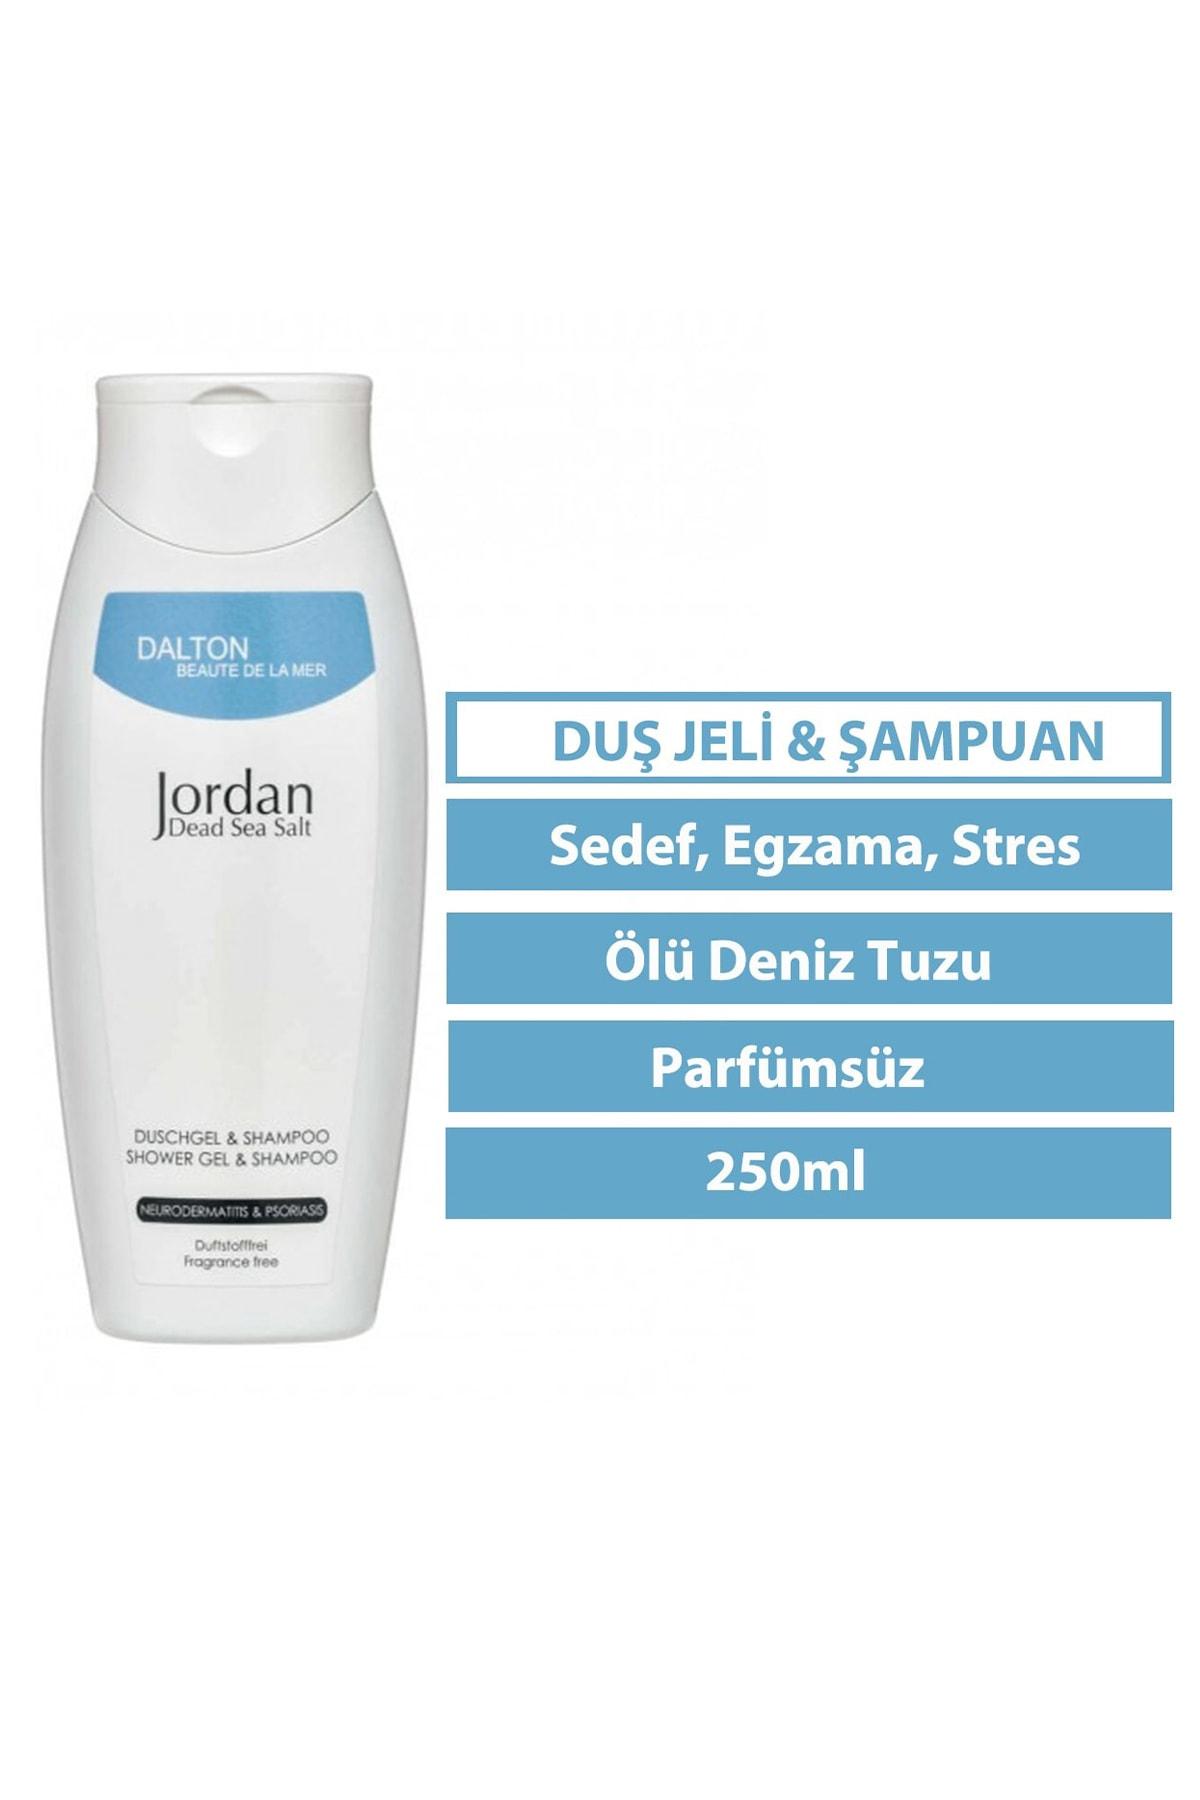 DALTON MARİNE COSMETİCS Jordan - Ölü Deniz Tuzu Içeren Sedef Egzama Stres Duş Jeli & Şampuan 1